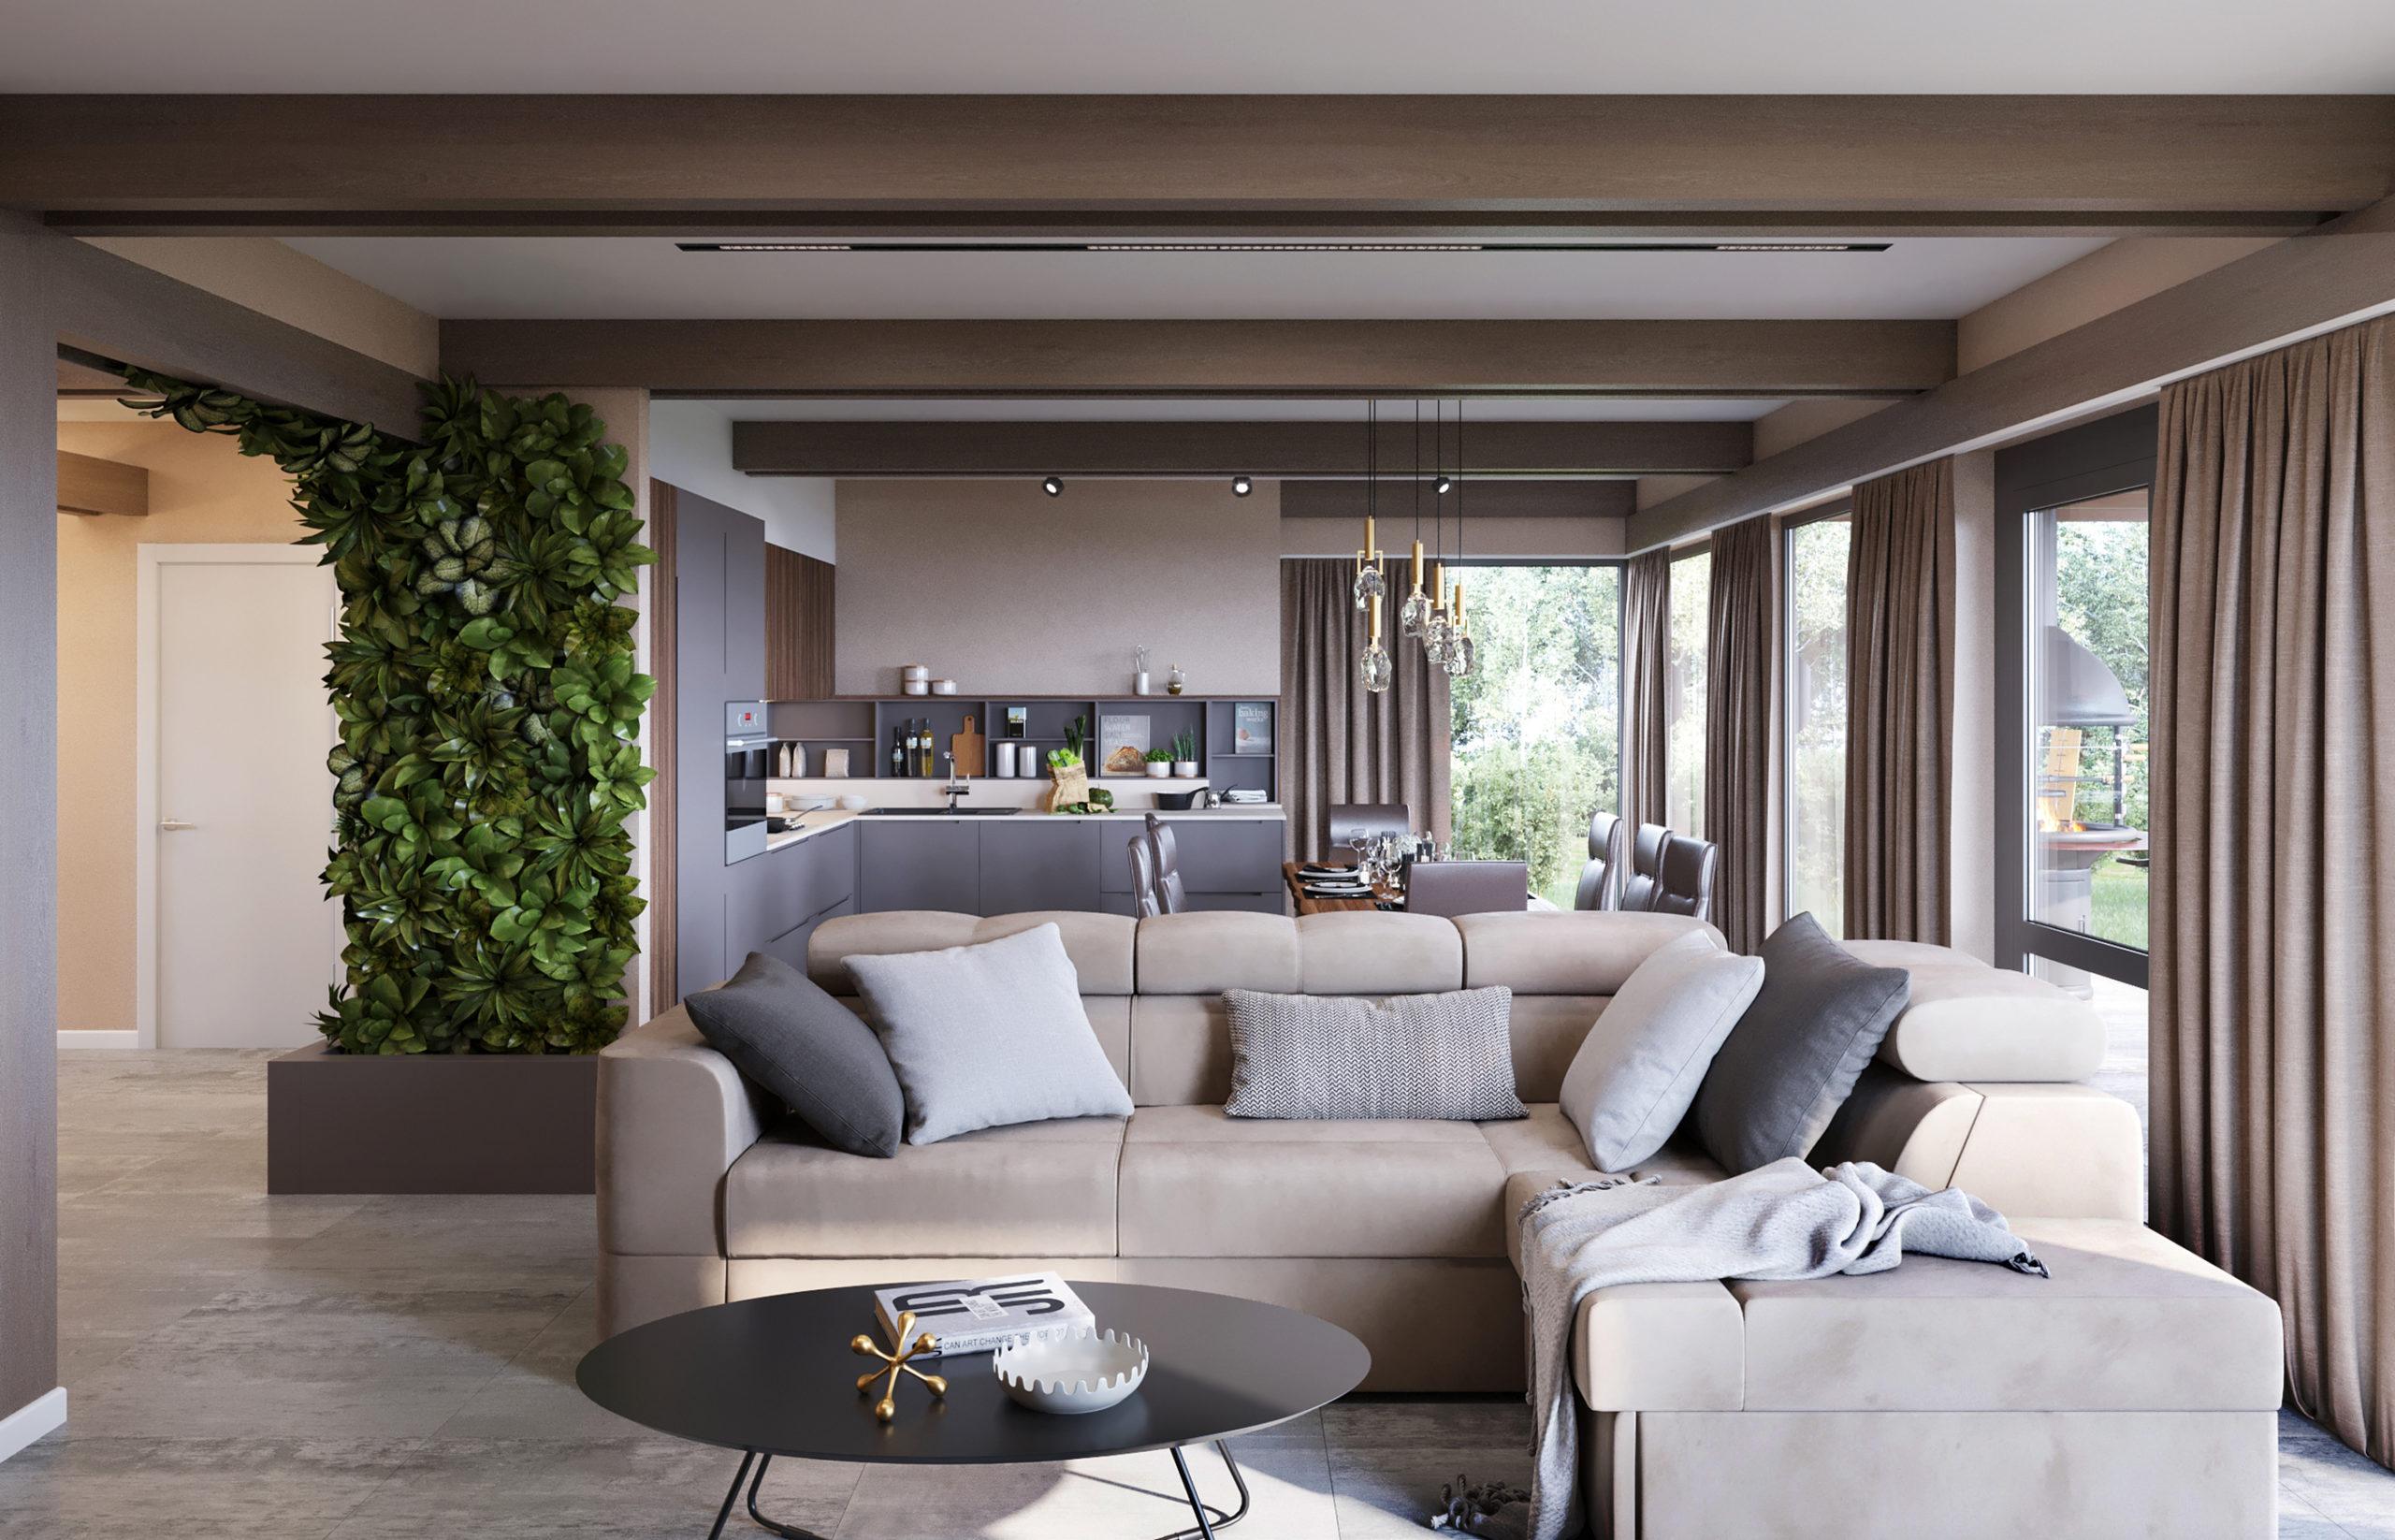 В интерьере гостиной подчеркнули все конструктивные элементы дома, усилив строгий ритм балок графичным ритмом трековых светильников